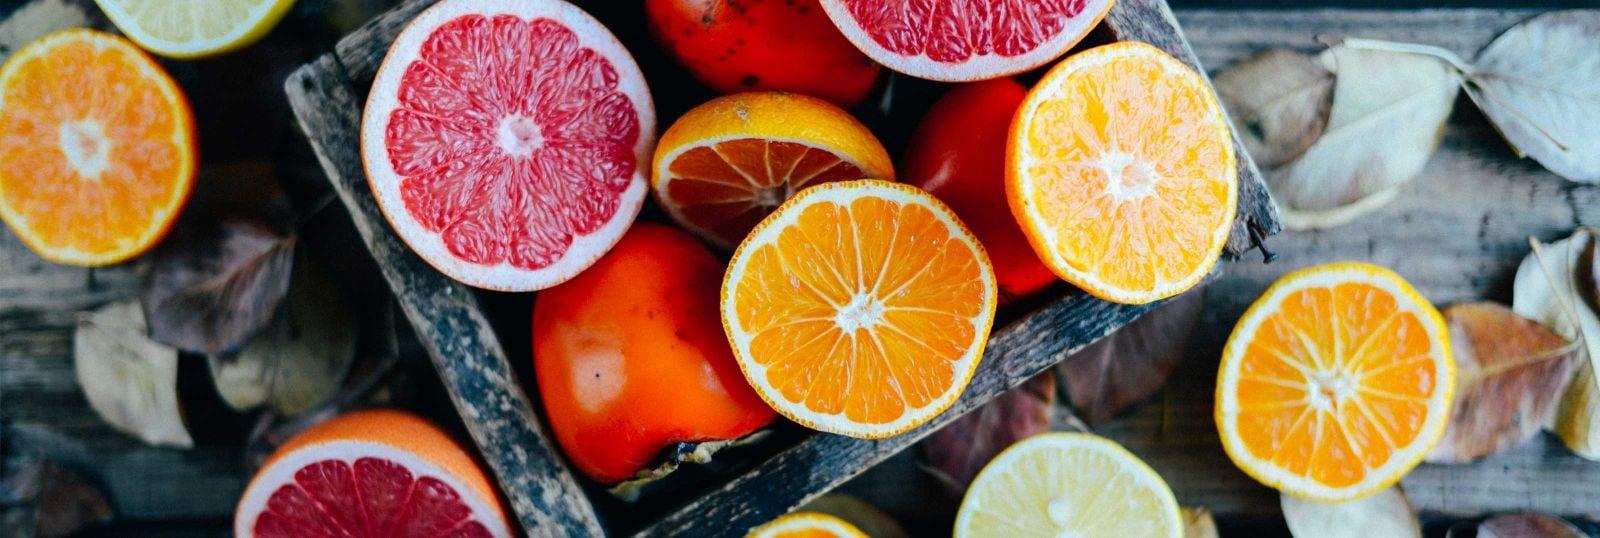 Vitamina C contra el resfriado